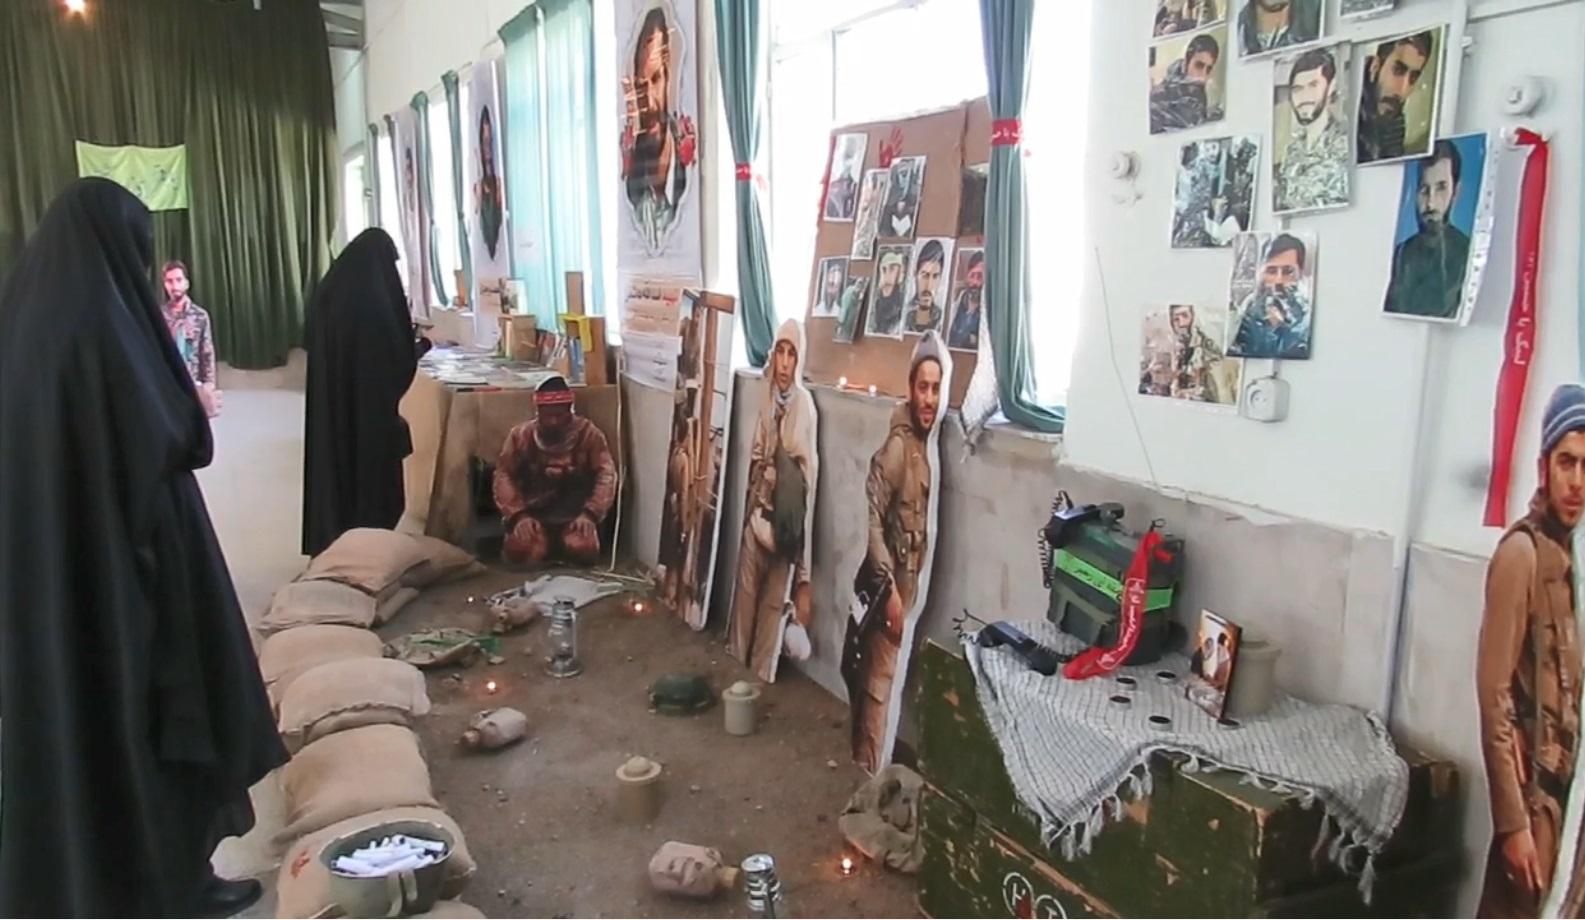 افتتاح نمایشگاه دستاوردهای انقلاب اسلامی در فراهان